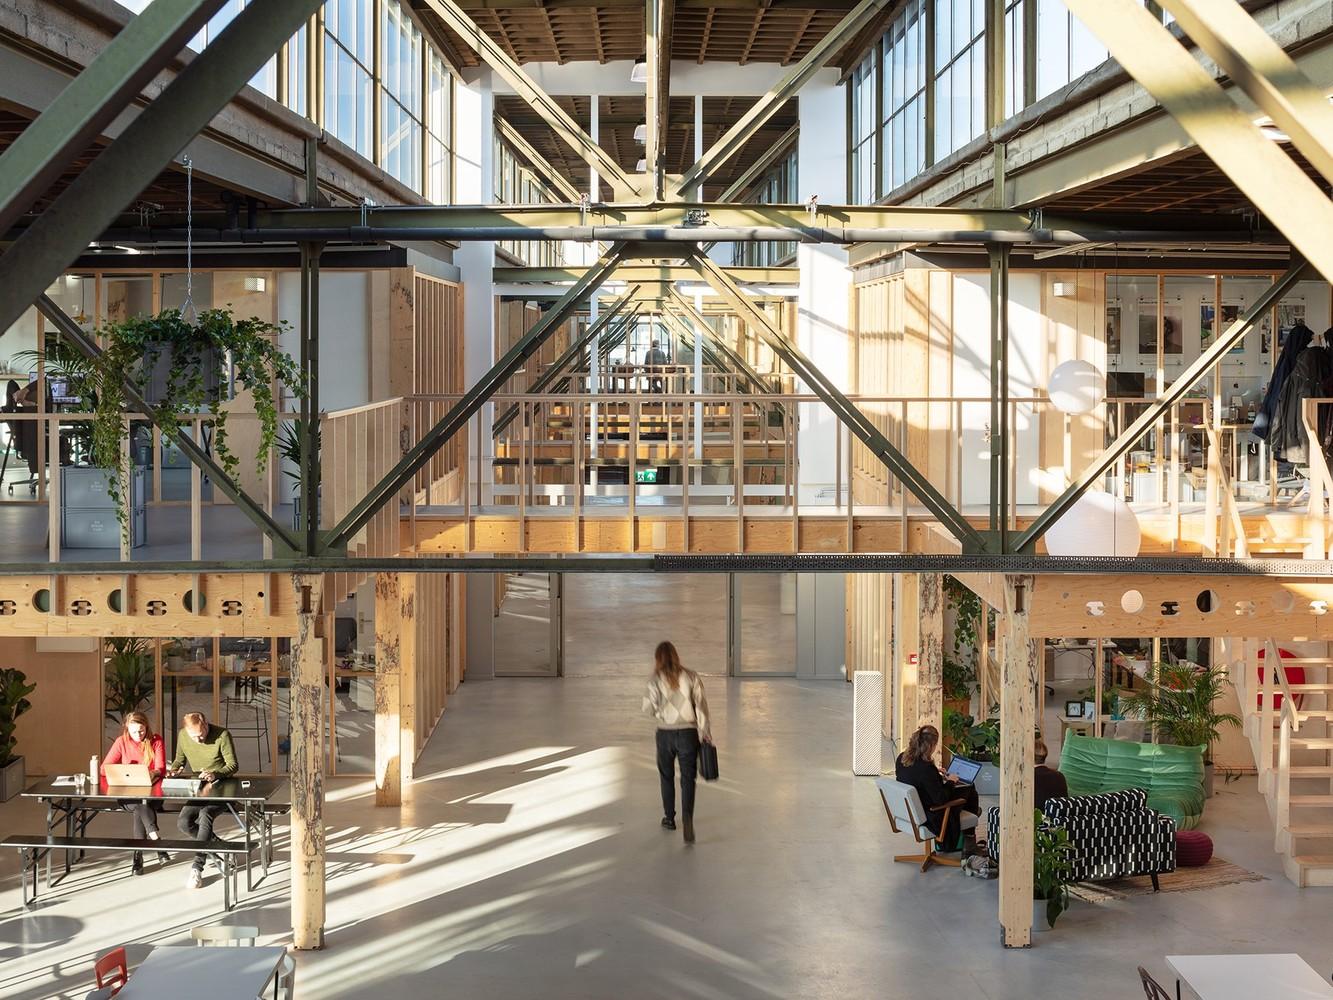 Tendencias en diseño y construcción del 2020: Lo recurrente, popular, relevante y sustancial,Werkspoor Factory / Zecc Architecten. Image © Stijnstijl Photography